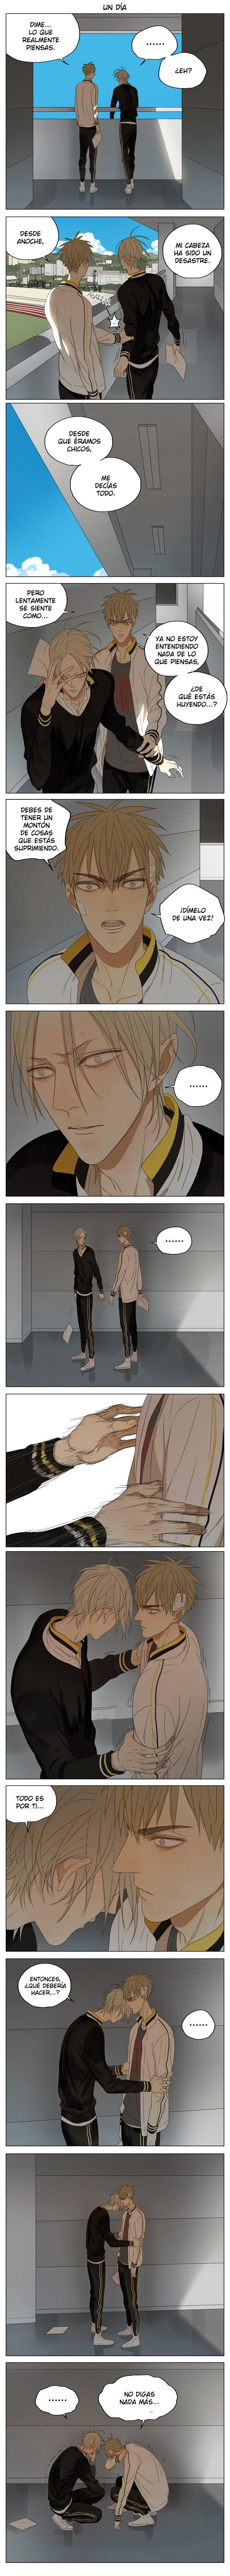 http://c5.ninemanga.com/es_manga/7/15943/454420/8a24ae619802ef4145a853b945548835.jpg Page 2